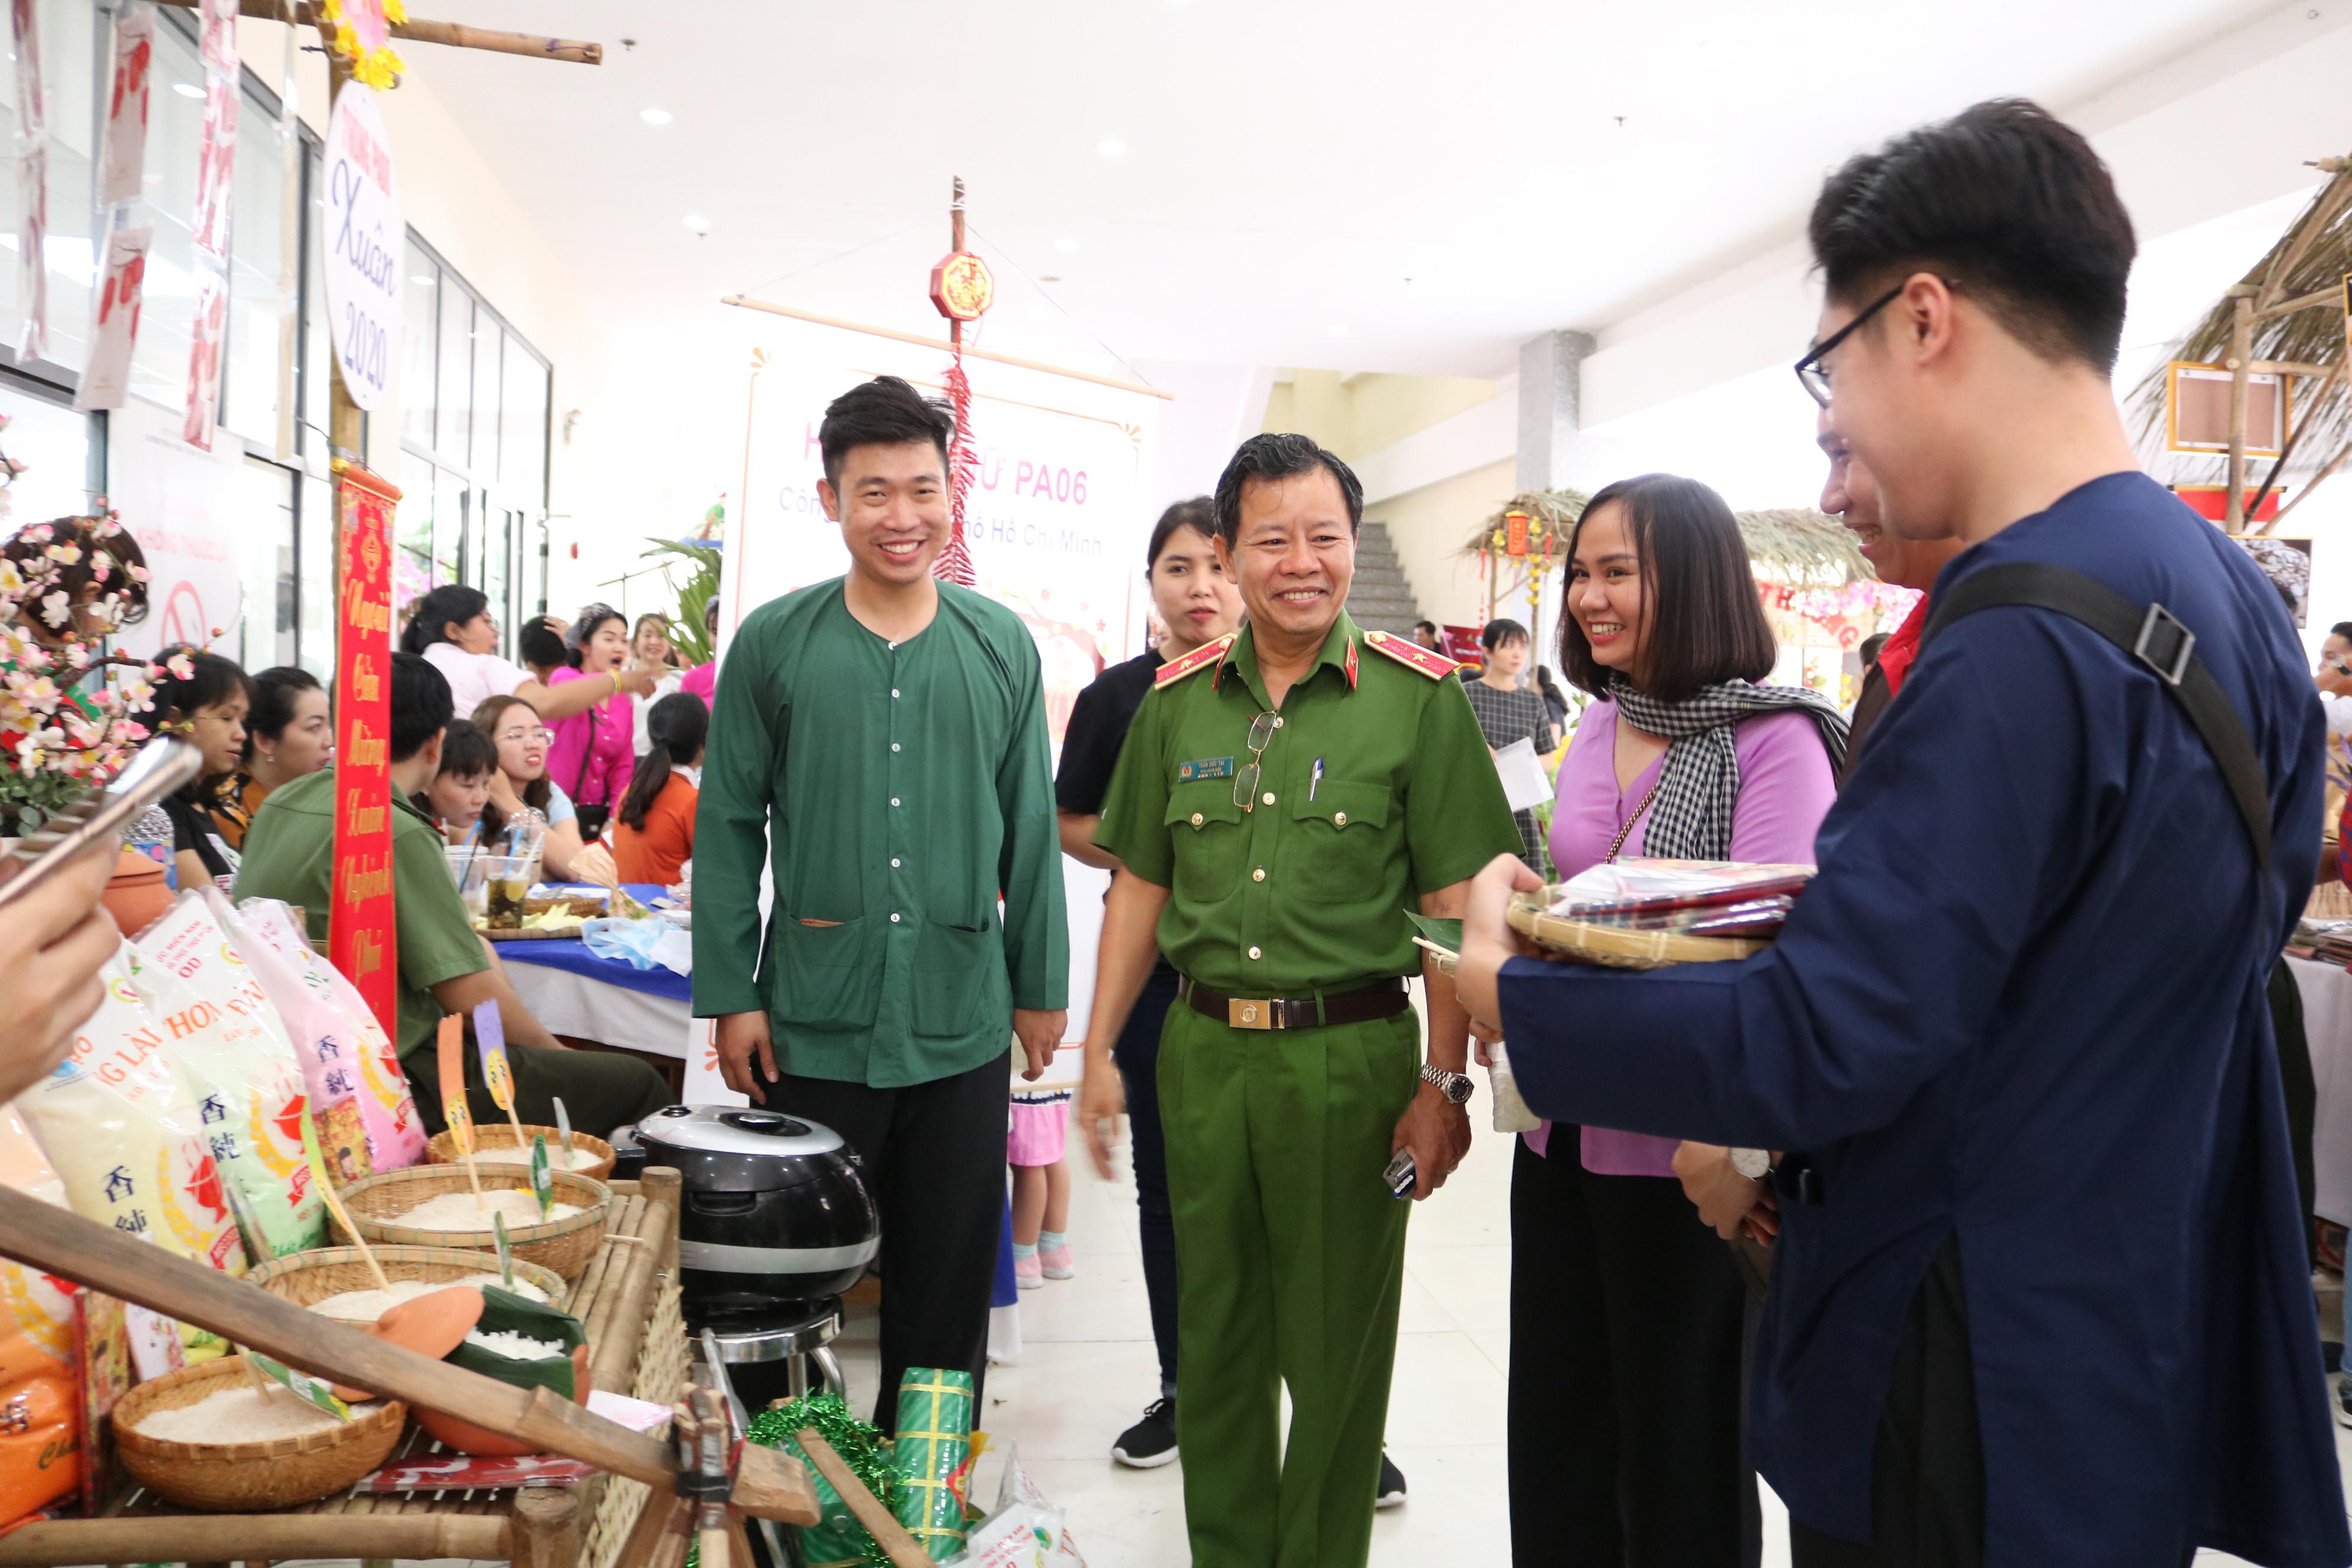 Thiếu tướng Trần Đức Tài - Phó giám đốc Công an TP.HCM - tham quan các gian hàng trong phiên chợ.